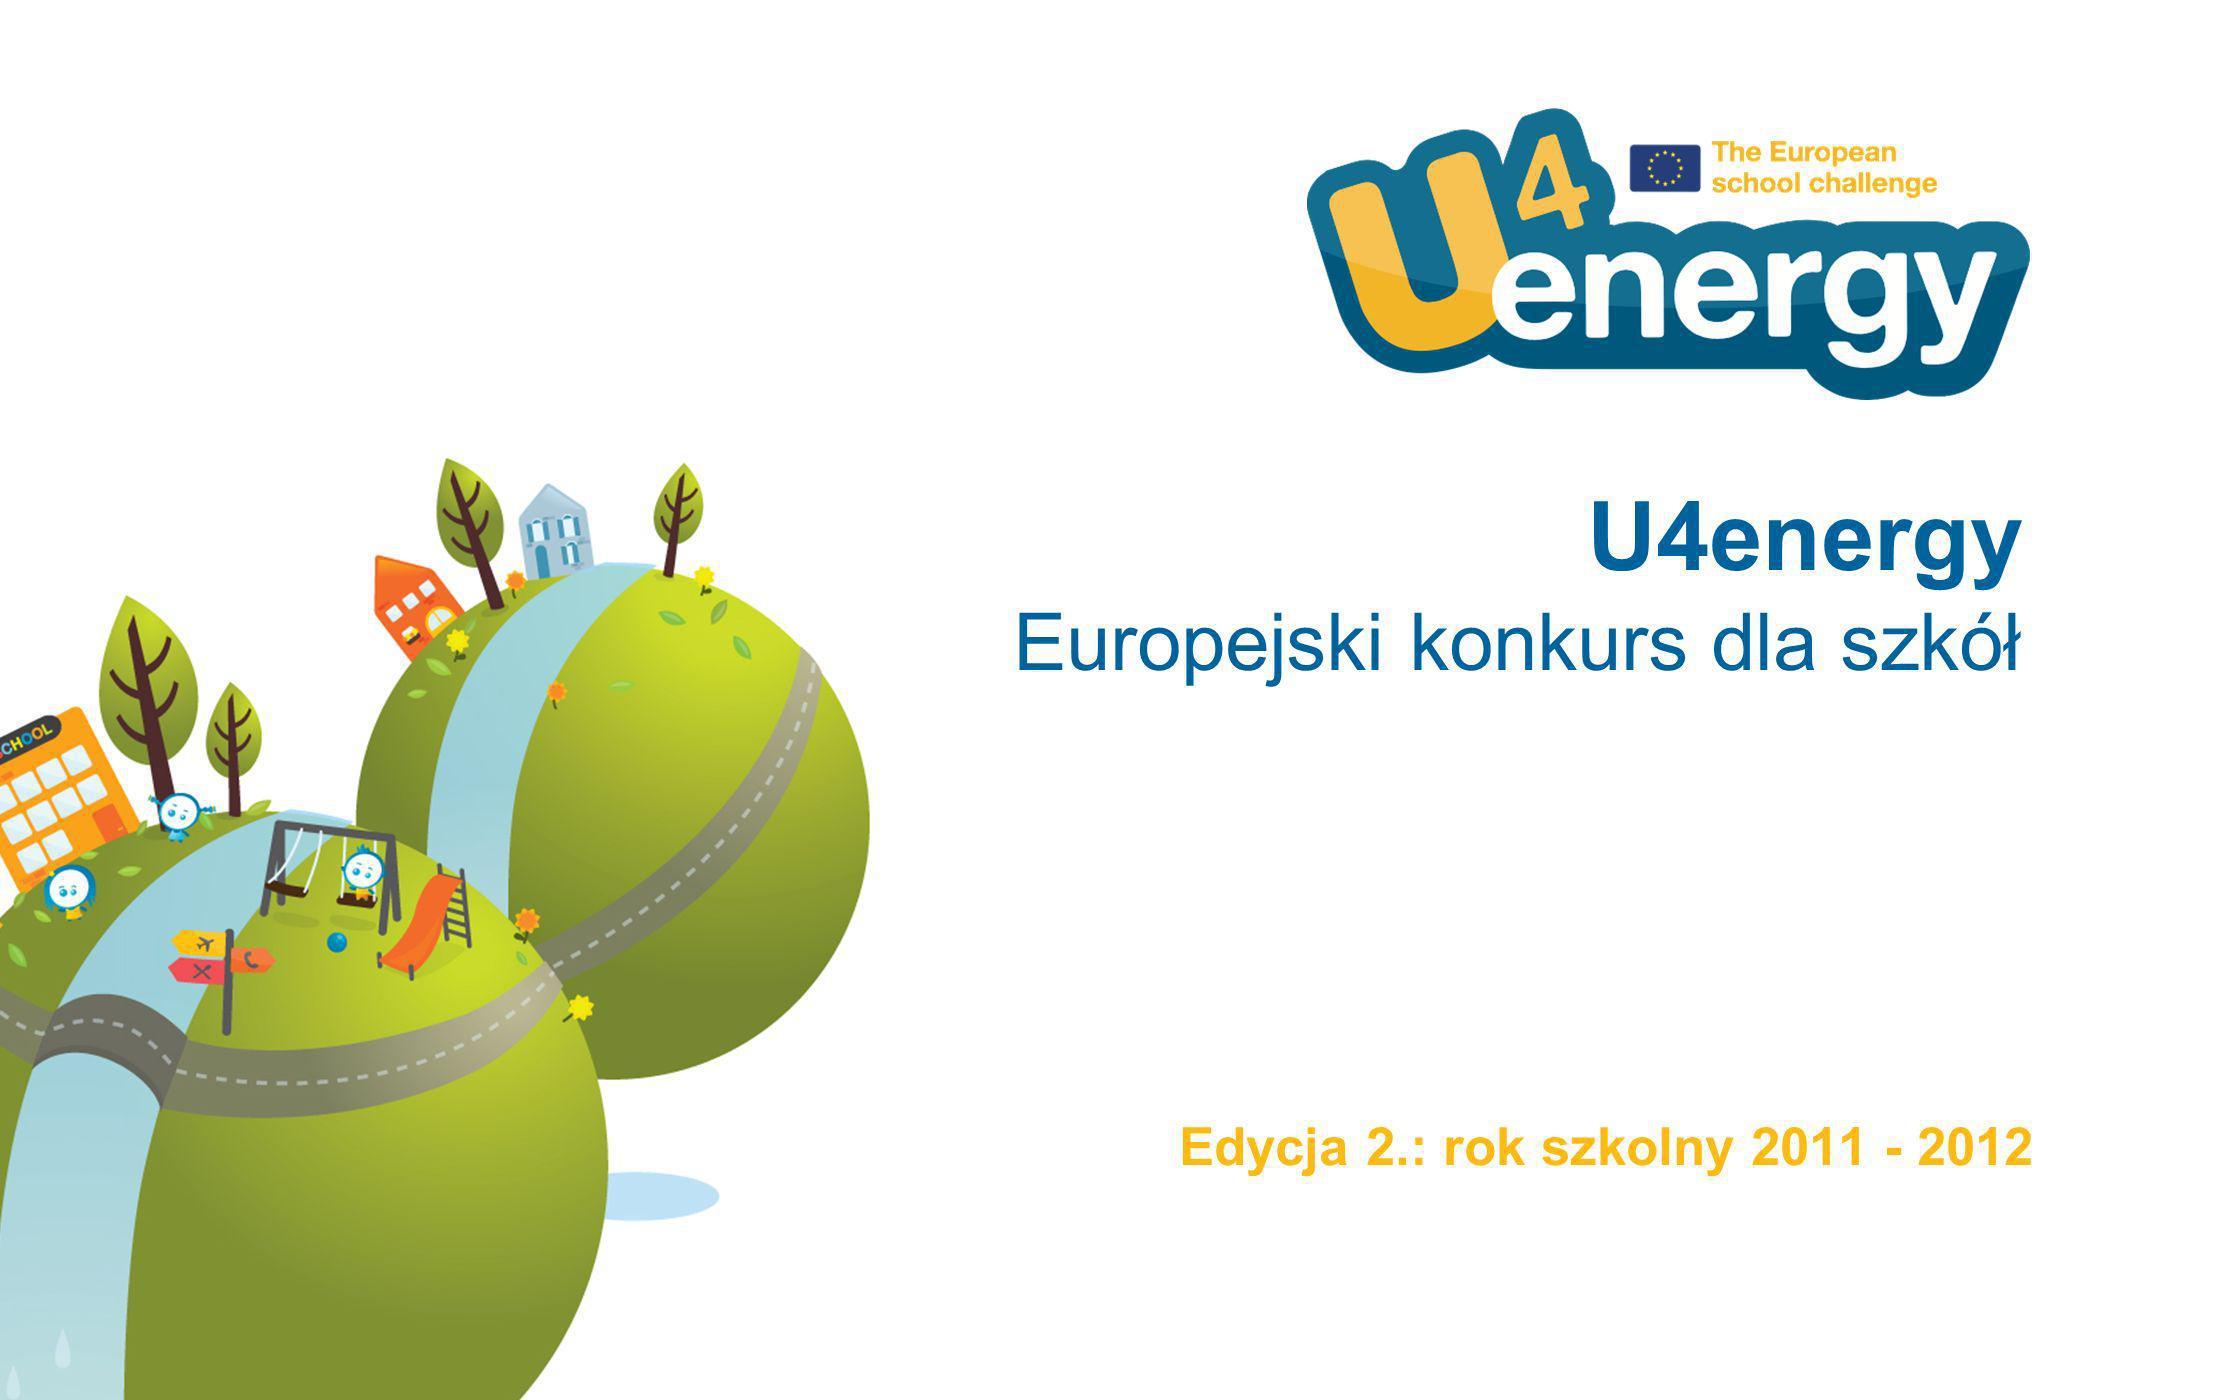 U4energy Europejski konkurs dla szkół Pobierz dla siebie materiały z Communication Toolbox na www.u4energy.eu:www.u4energy.eu Logo U4energy Elektroniczne maskotki konkursu U4energy Prezentację U4energy w PowerPoint Odznaki U4energy